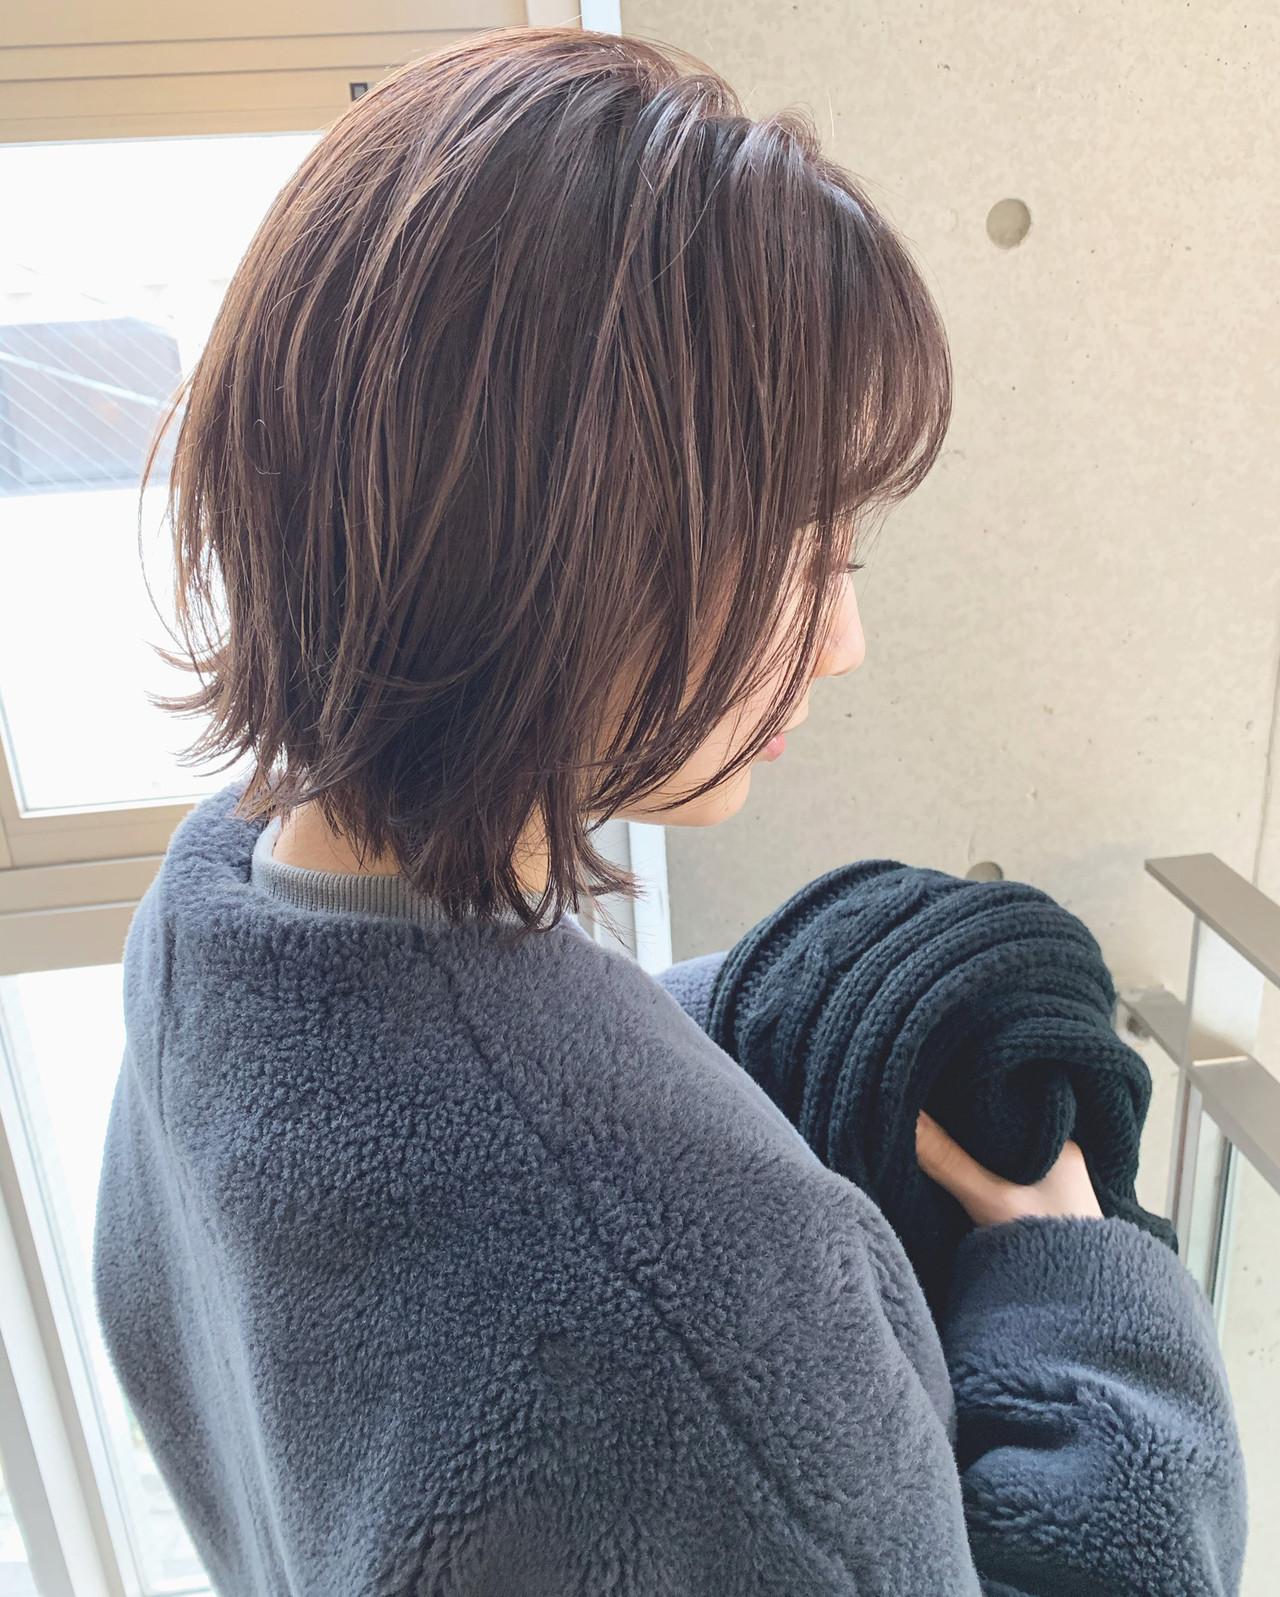 切りっぱなしボブ ボブ ミニボブ 暗髪 ヘアスタイルや髪型の写真・画像 | 前髪・後れ毛・顔周りこだわり◎ 北野愛 / Agnos 青山